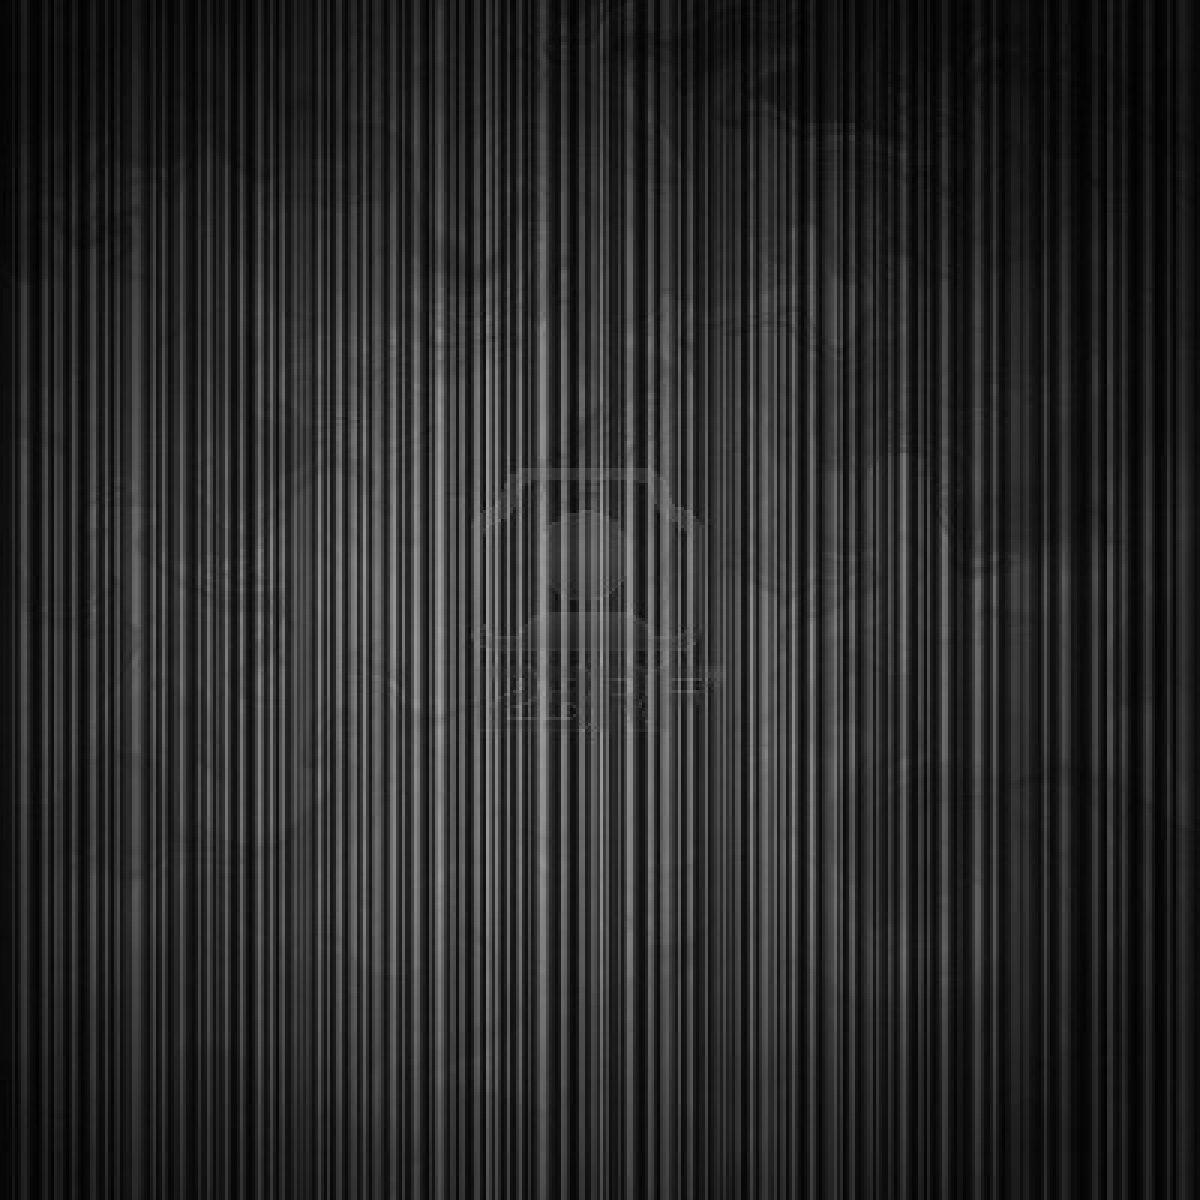 بالصور خلفيات اسود , اجدد الخلفيات السوداء للهواتف 191